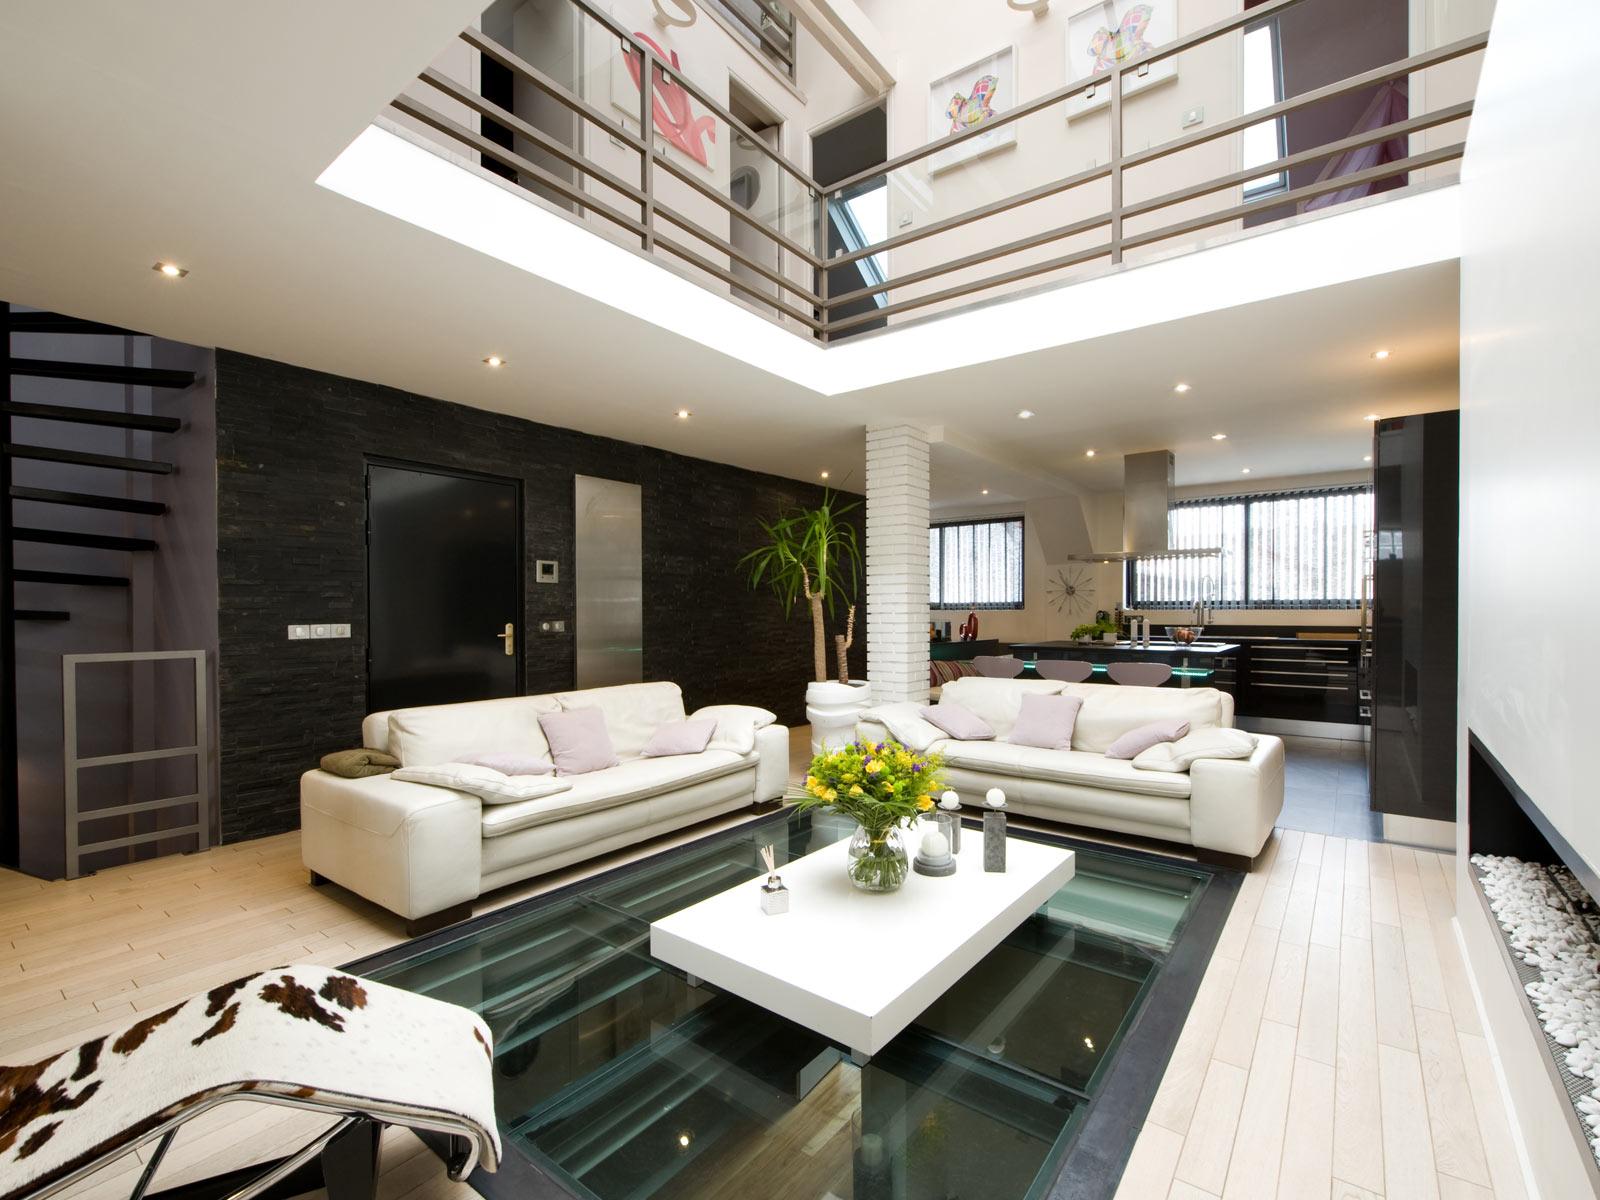 Interieur Maison Moderne Architecte un architecte de strasbourg pour un travail de qualité